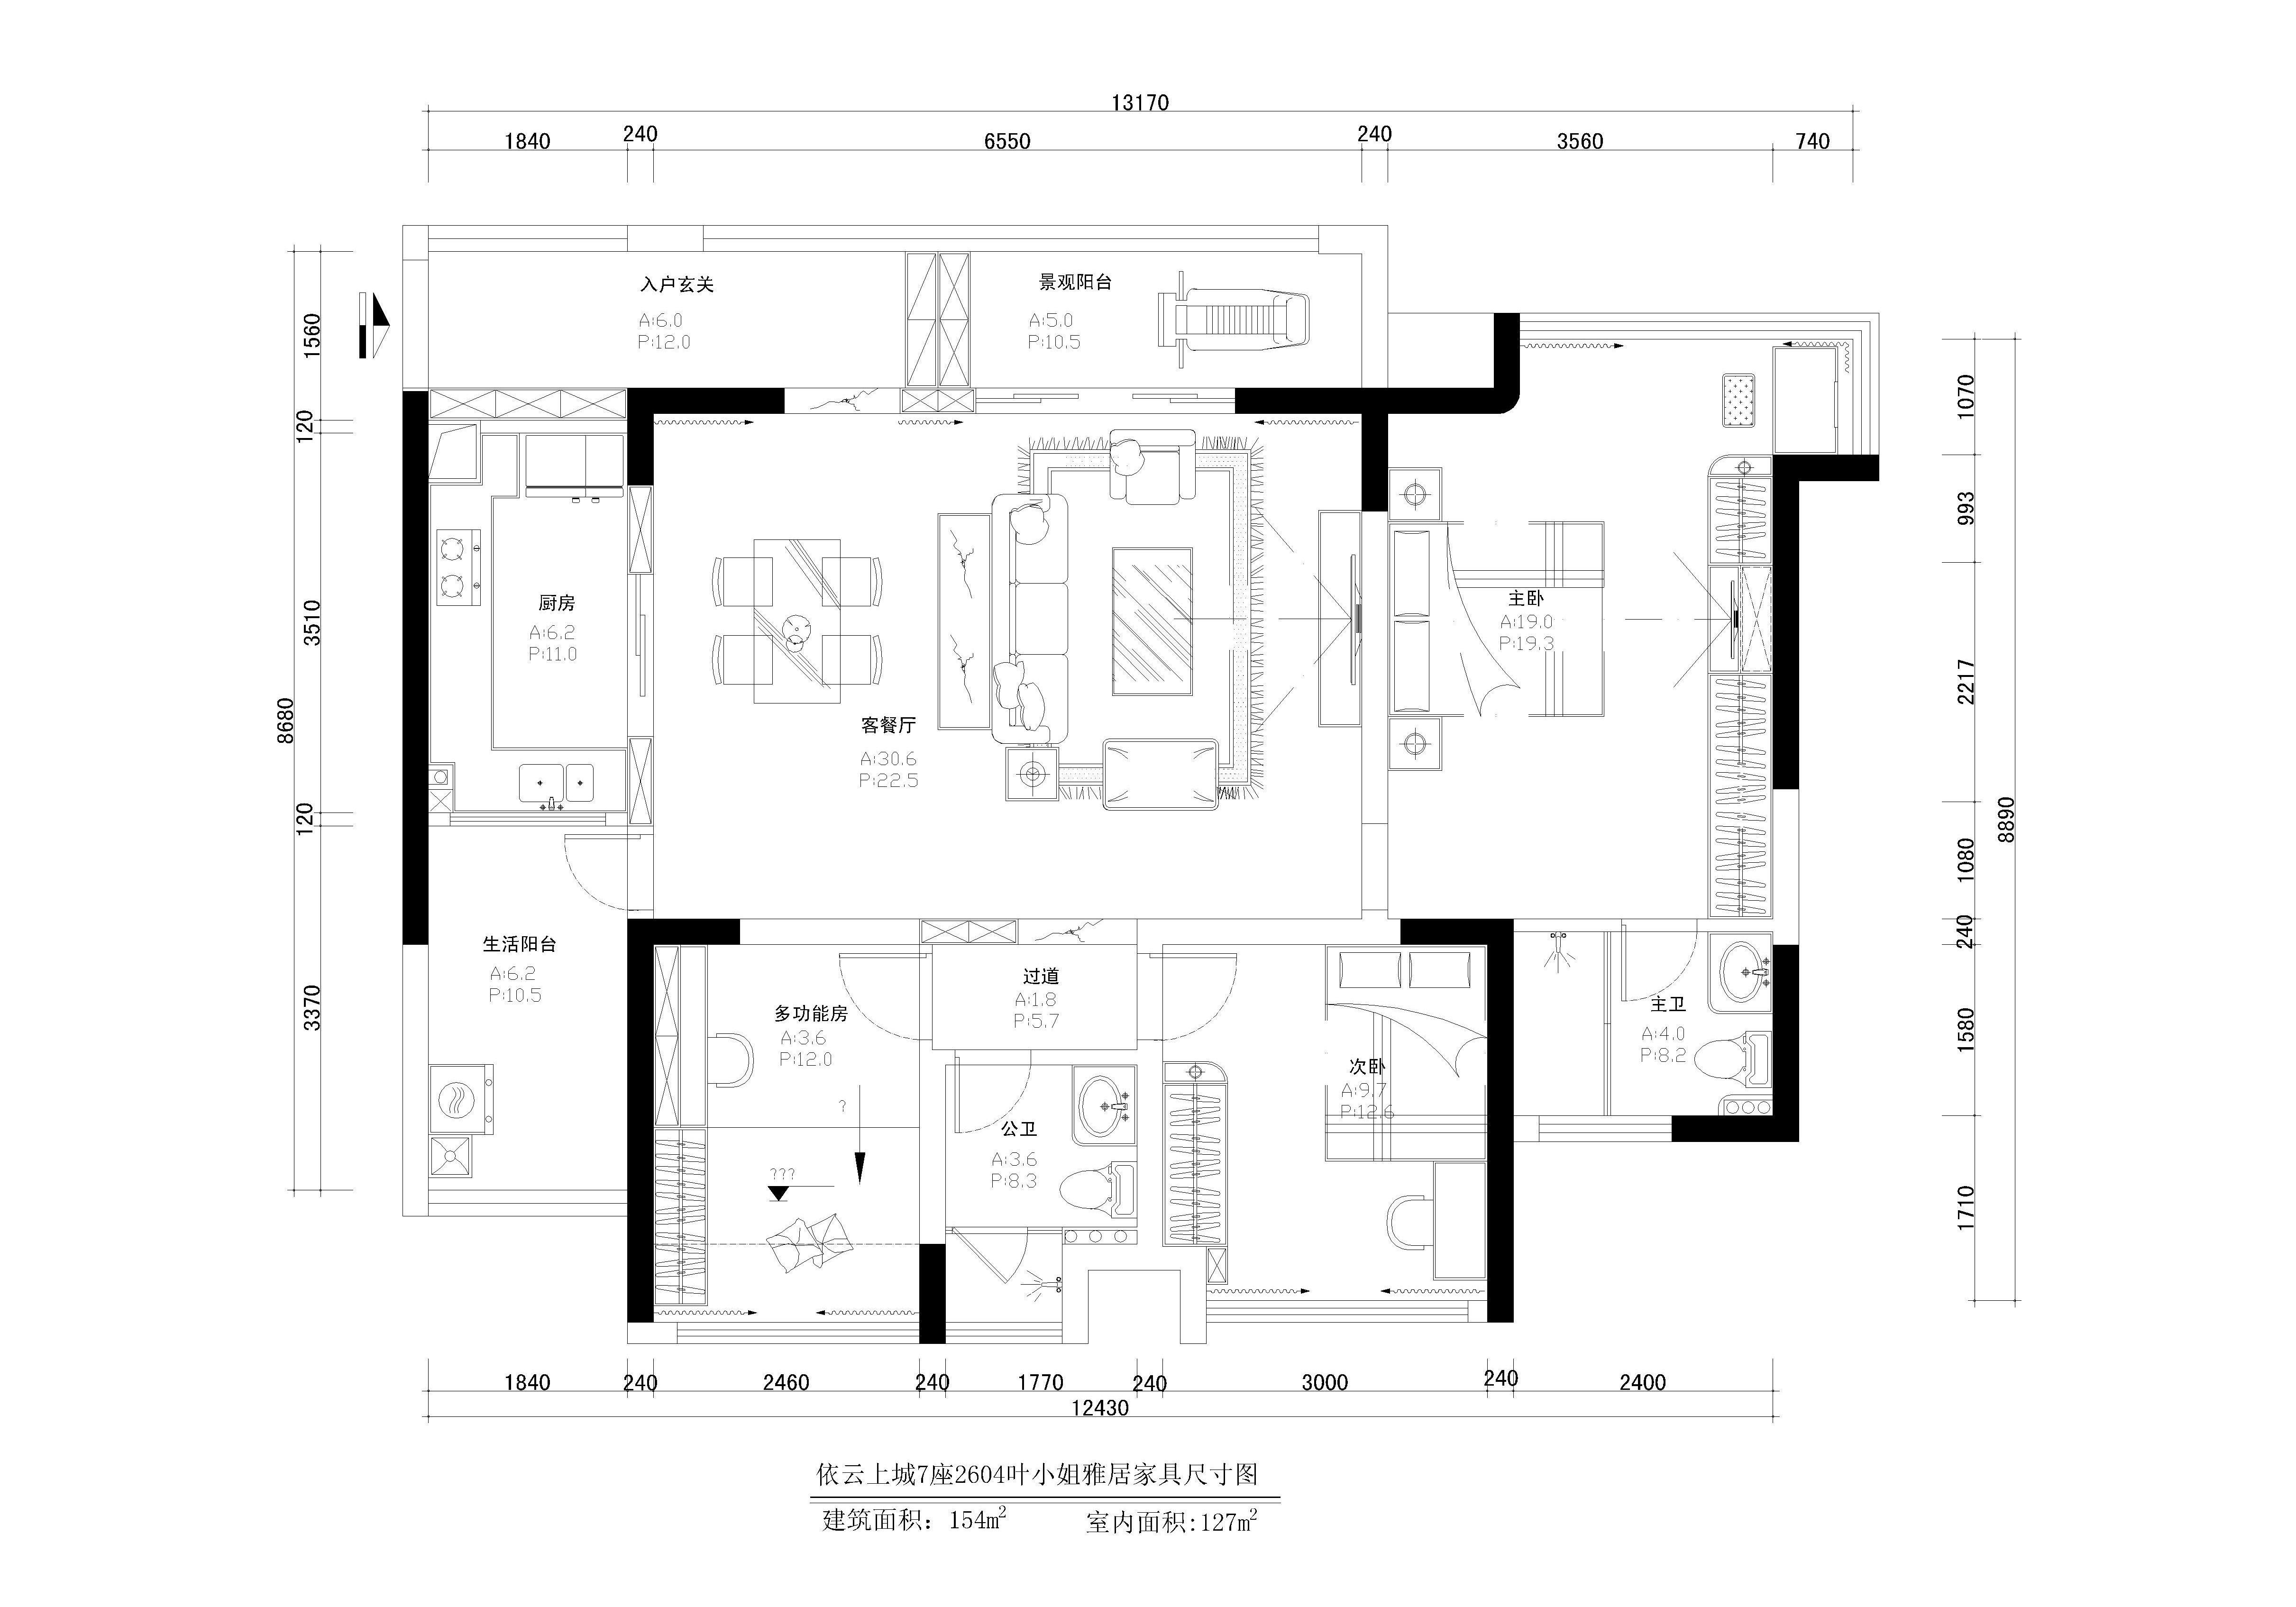 居住空间室内平面图